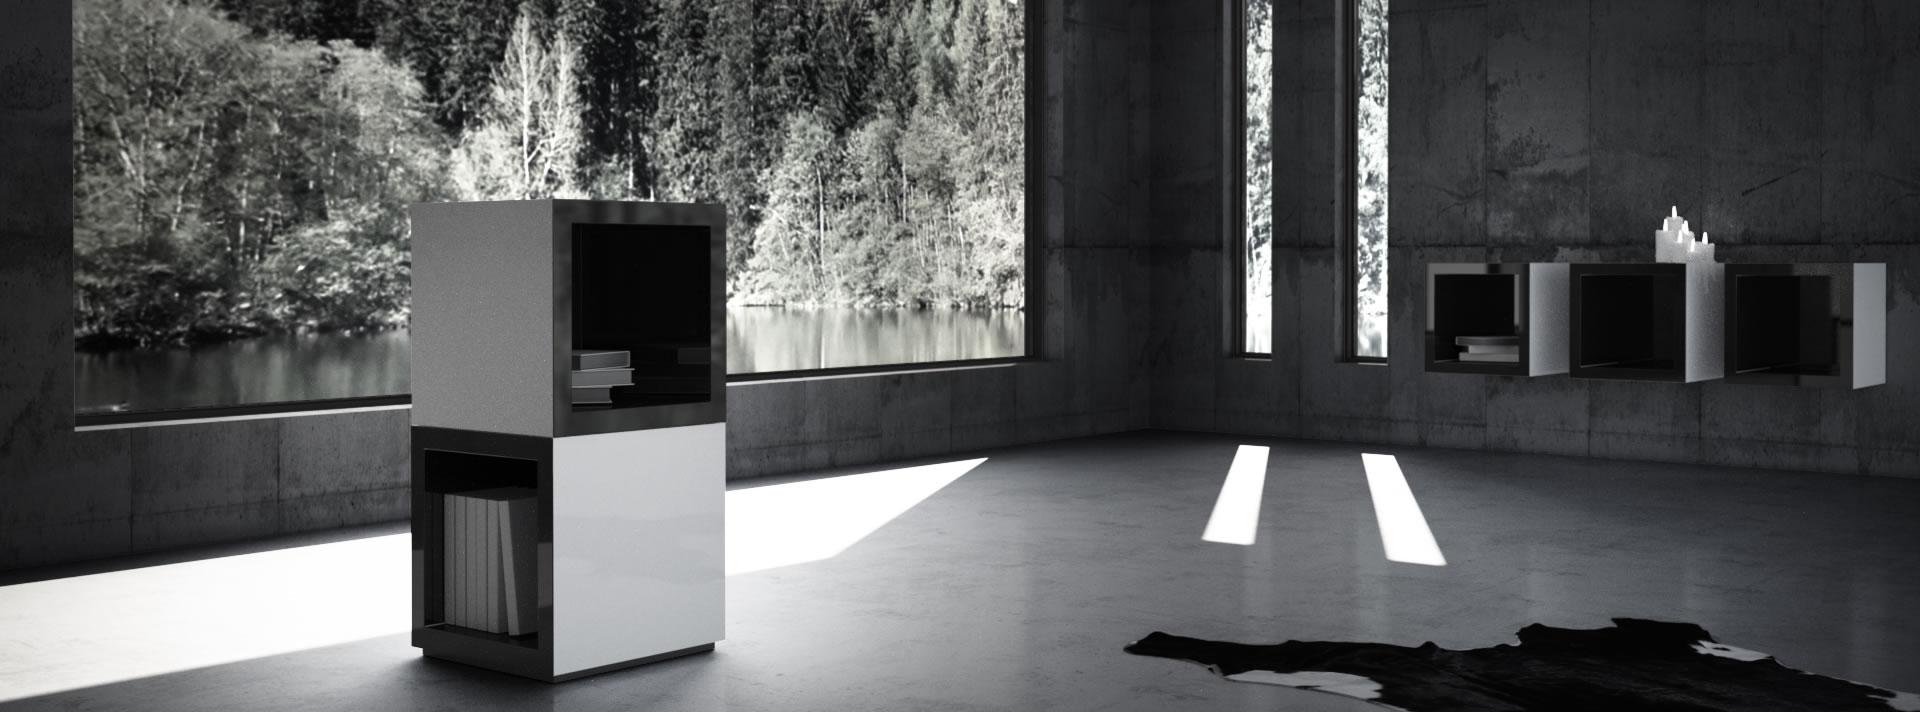 wrfel schrank top regalwrfel rudi wei jakouo with wrfel. Black Bedroom Furniture Sets. Home Design Ideas